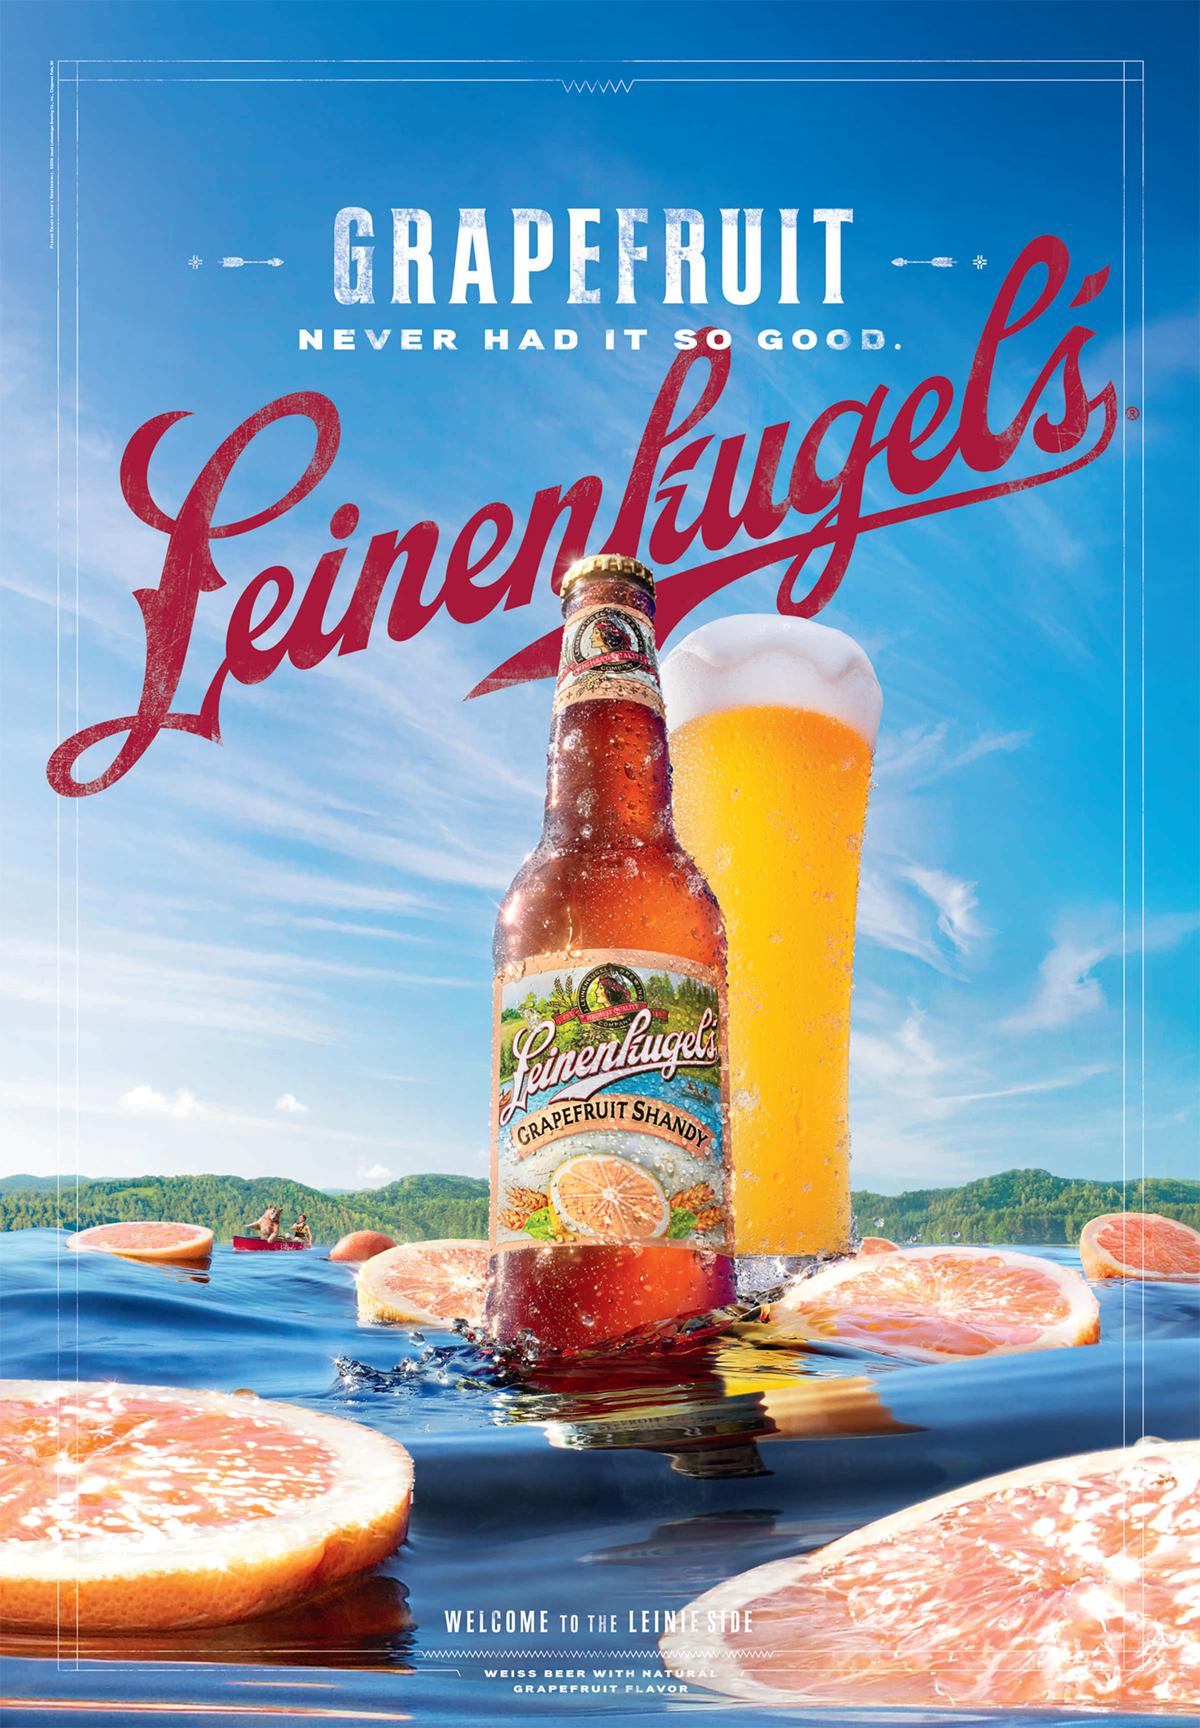 Where to buy leinenkugel s grapefruit shandy - Where To Buy Leinenkugel S Grapefruit Shandy 24